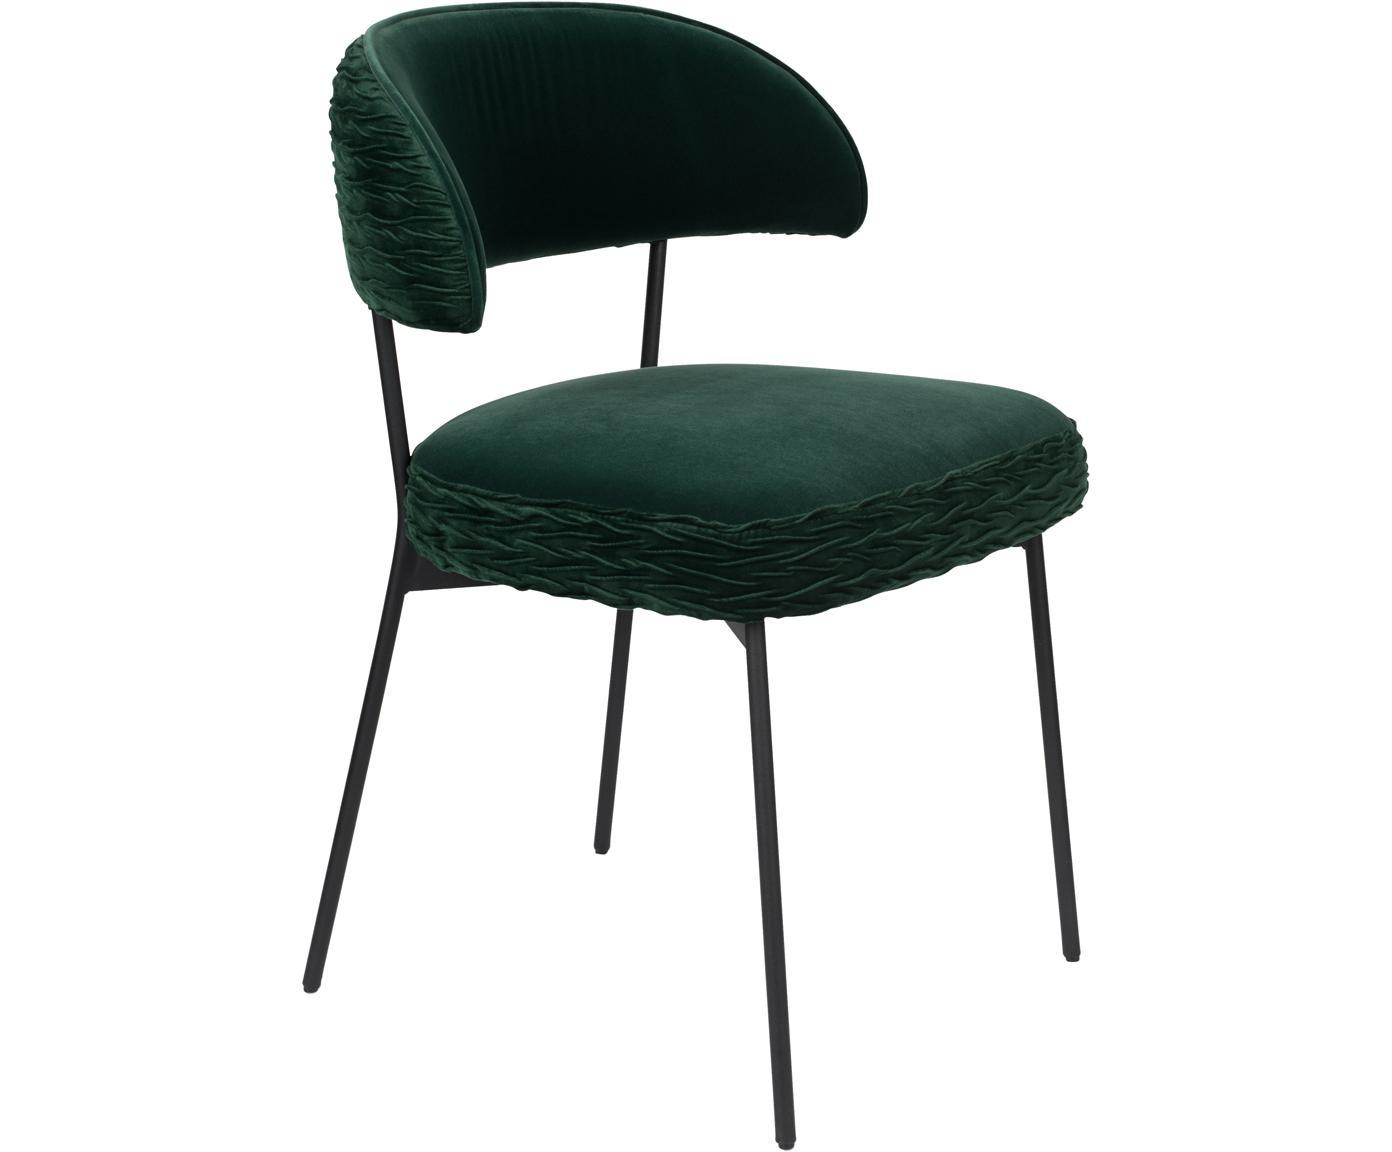 Silla tapizada en terciopelo TheWinner Takes It All, Tapizado: terciopelo de poliéster 3, Estructura: metal con pintura en polv, Verde, An 57 x F 56 cm